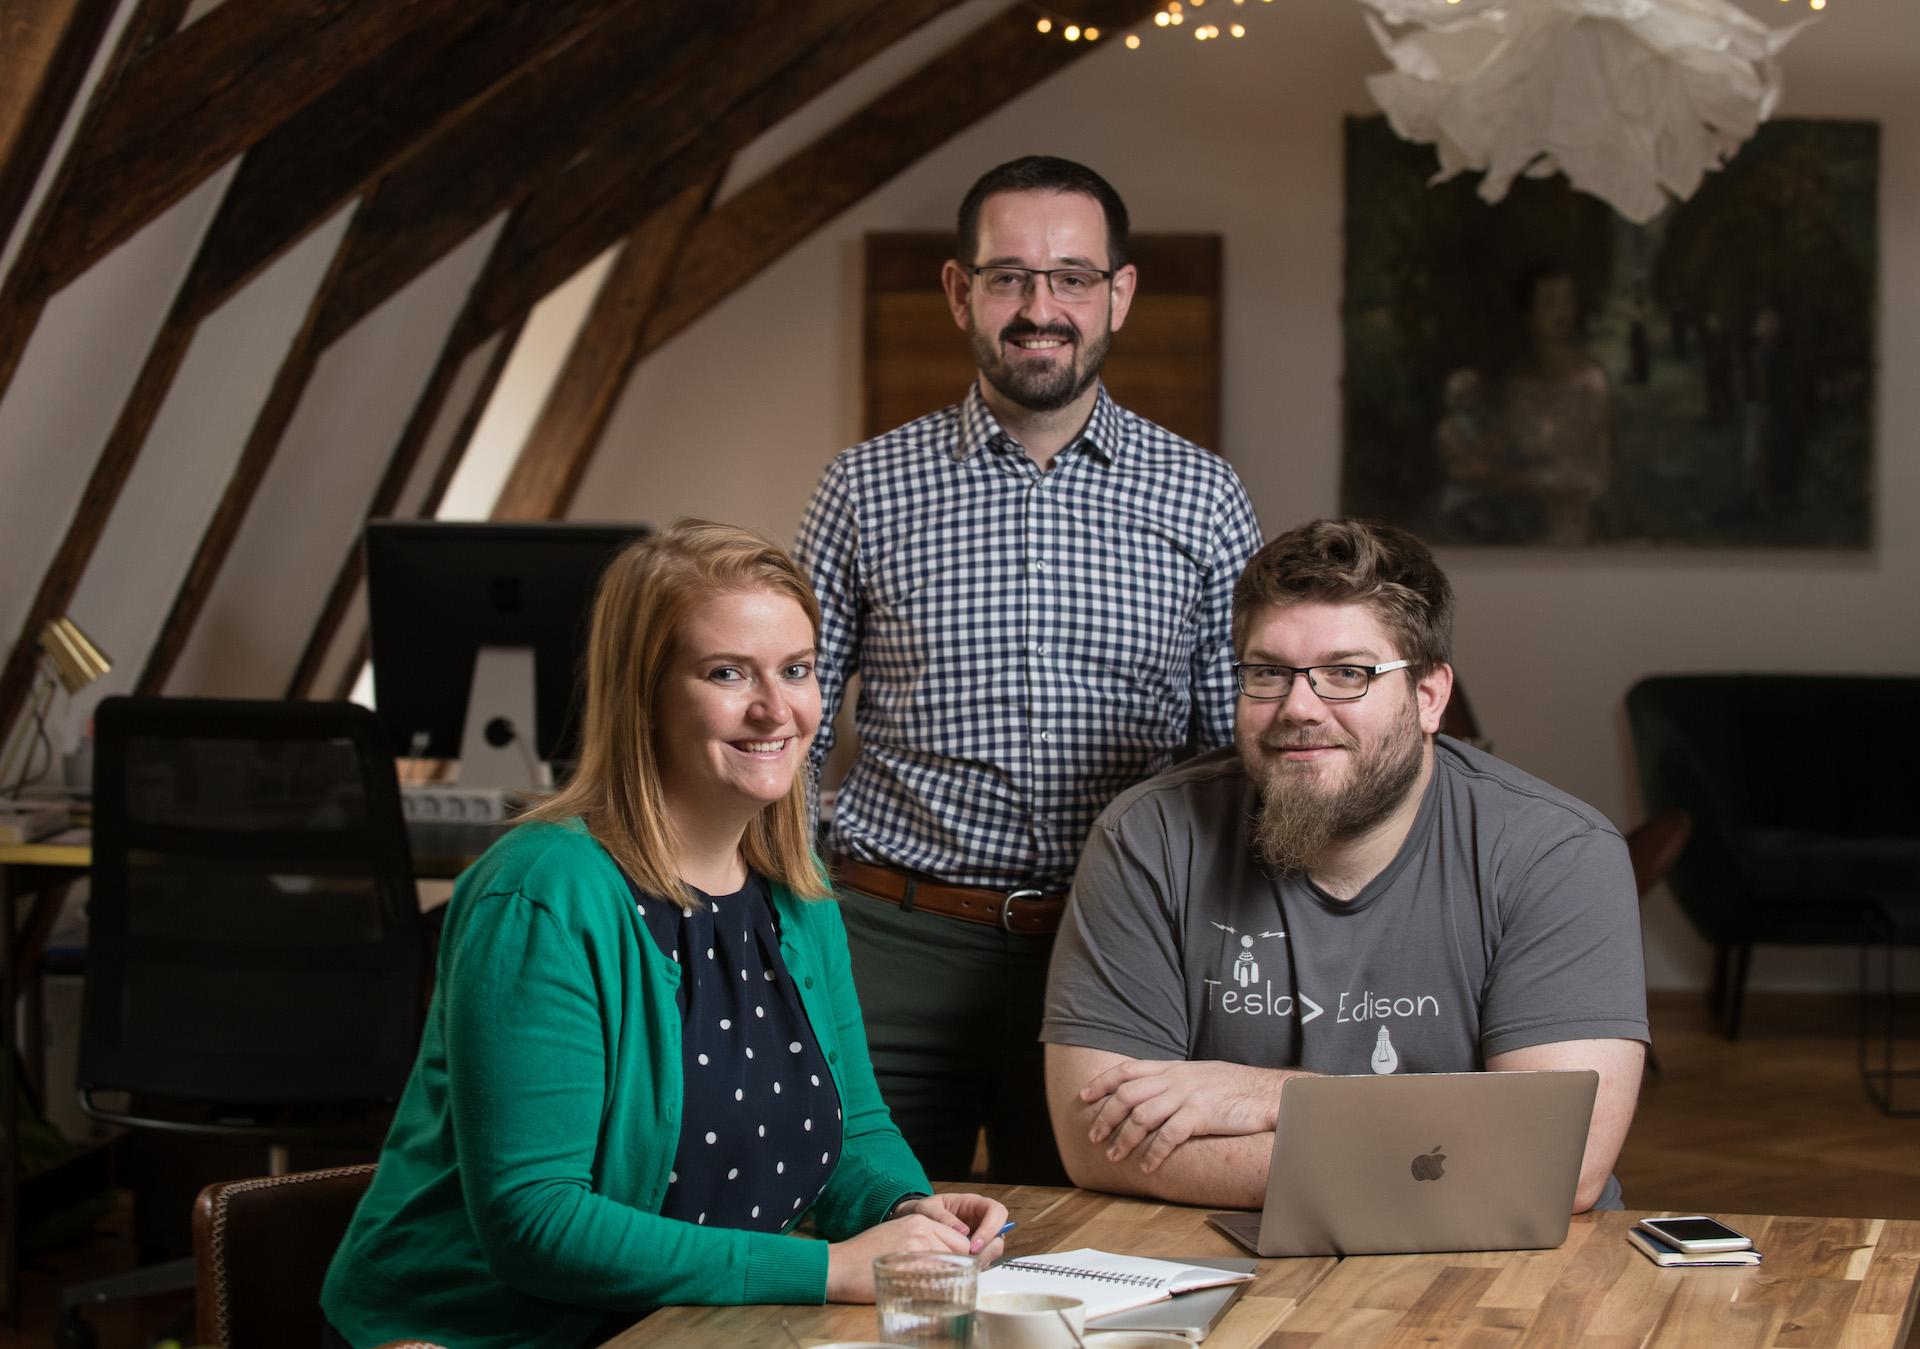 Tým Blabu: Eva Peterková (COO), Petr Kováčik (CEO) a Tomáš Strejček (CTO)